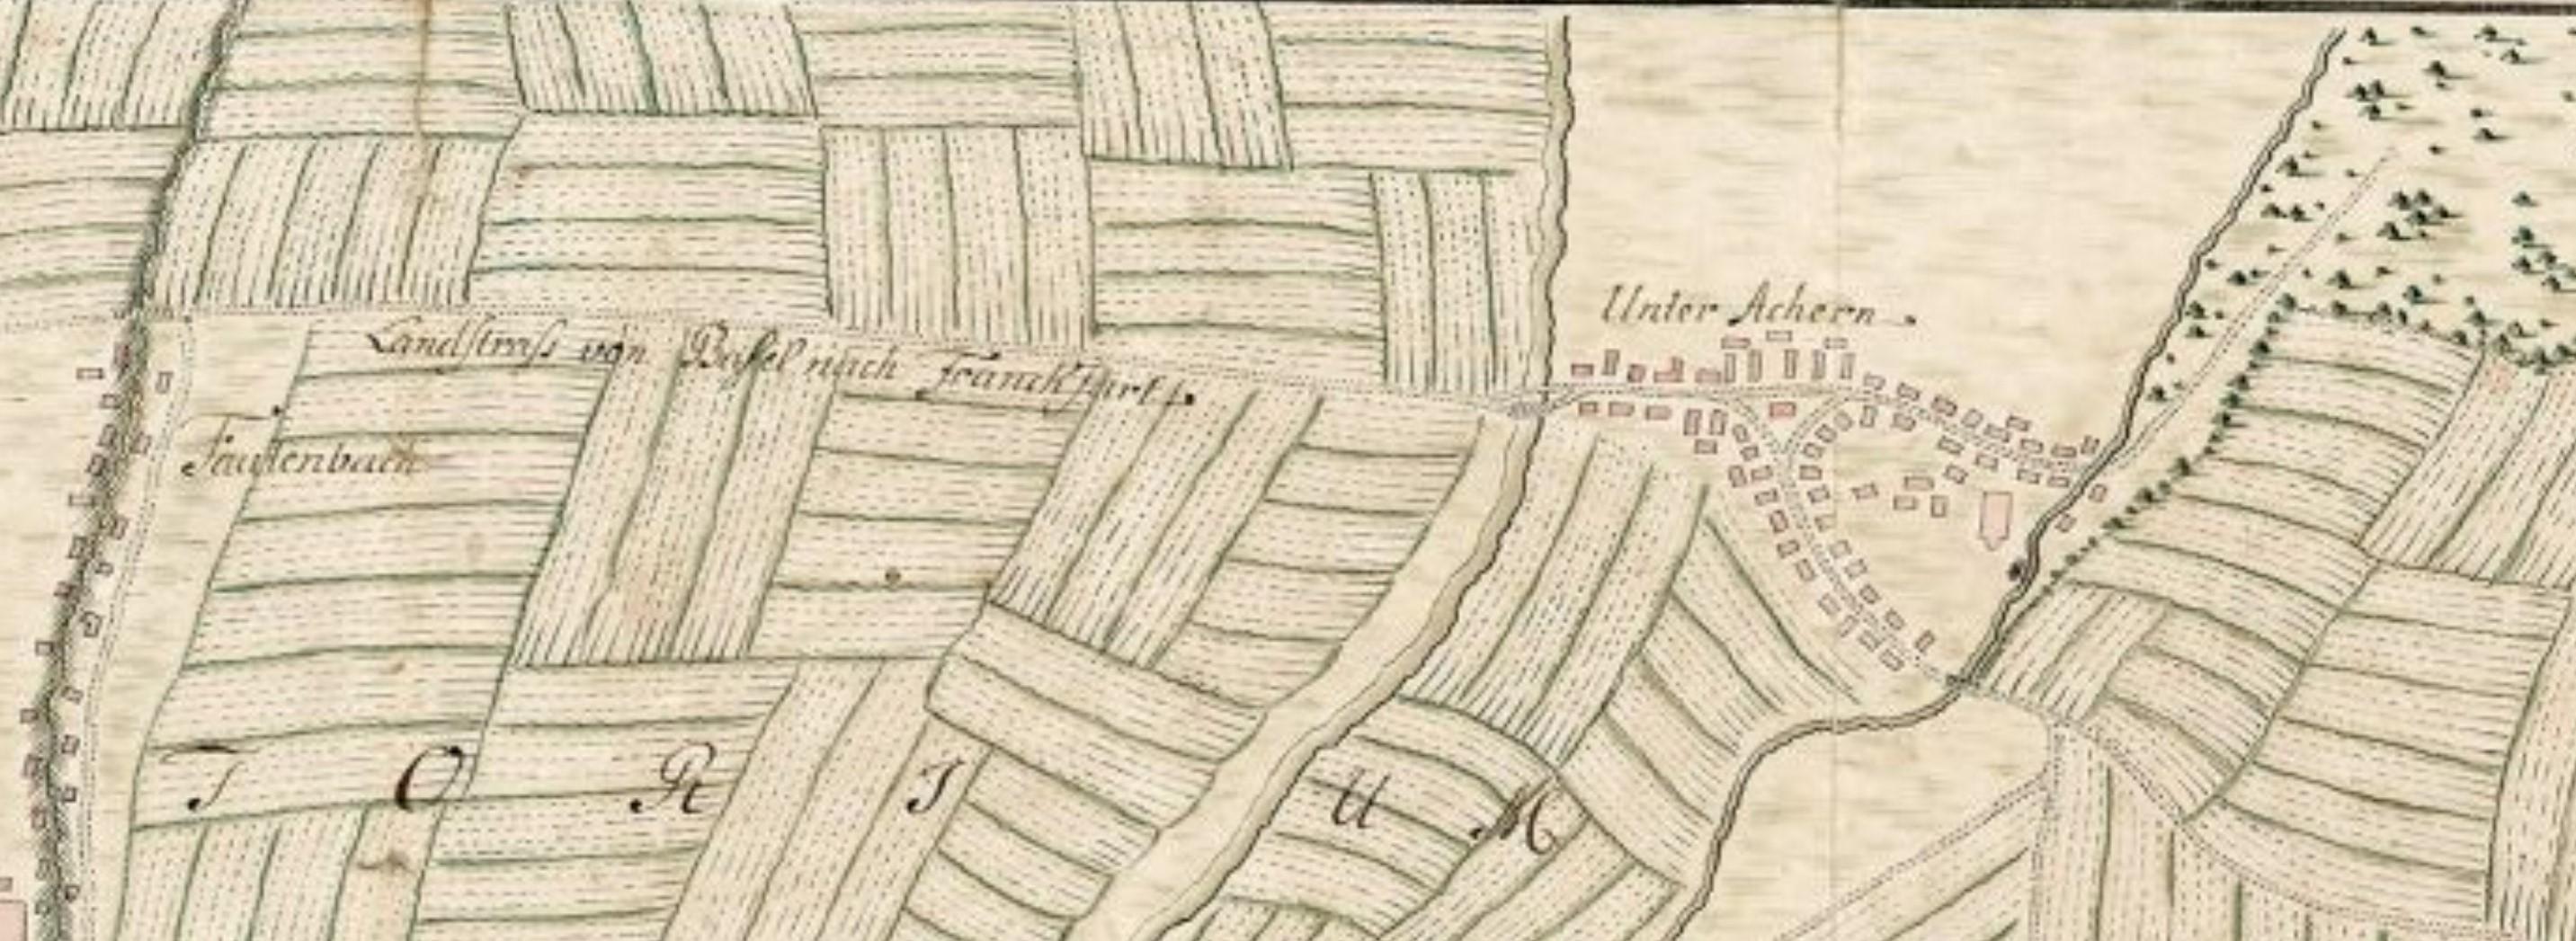 1730-Achern-Karte-1a (2).jpg